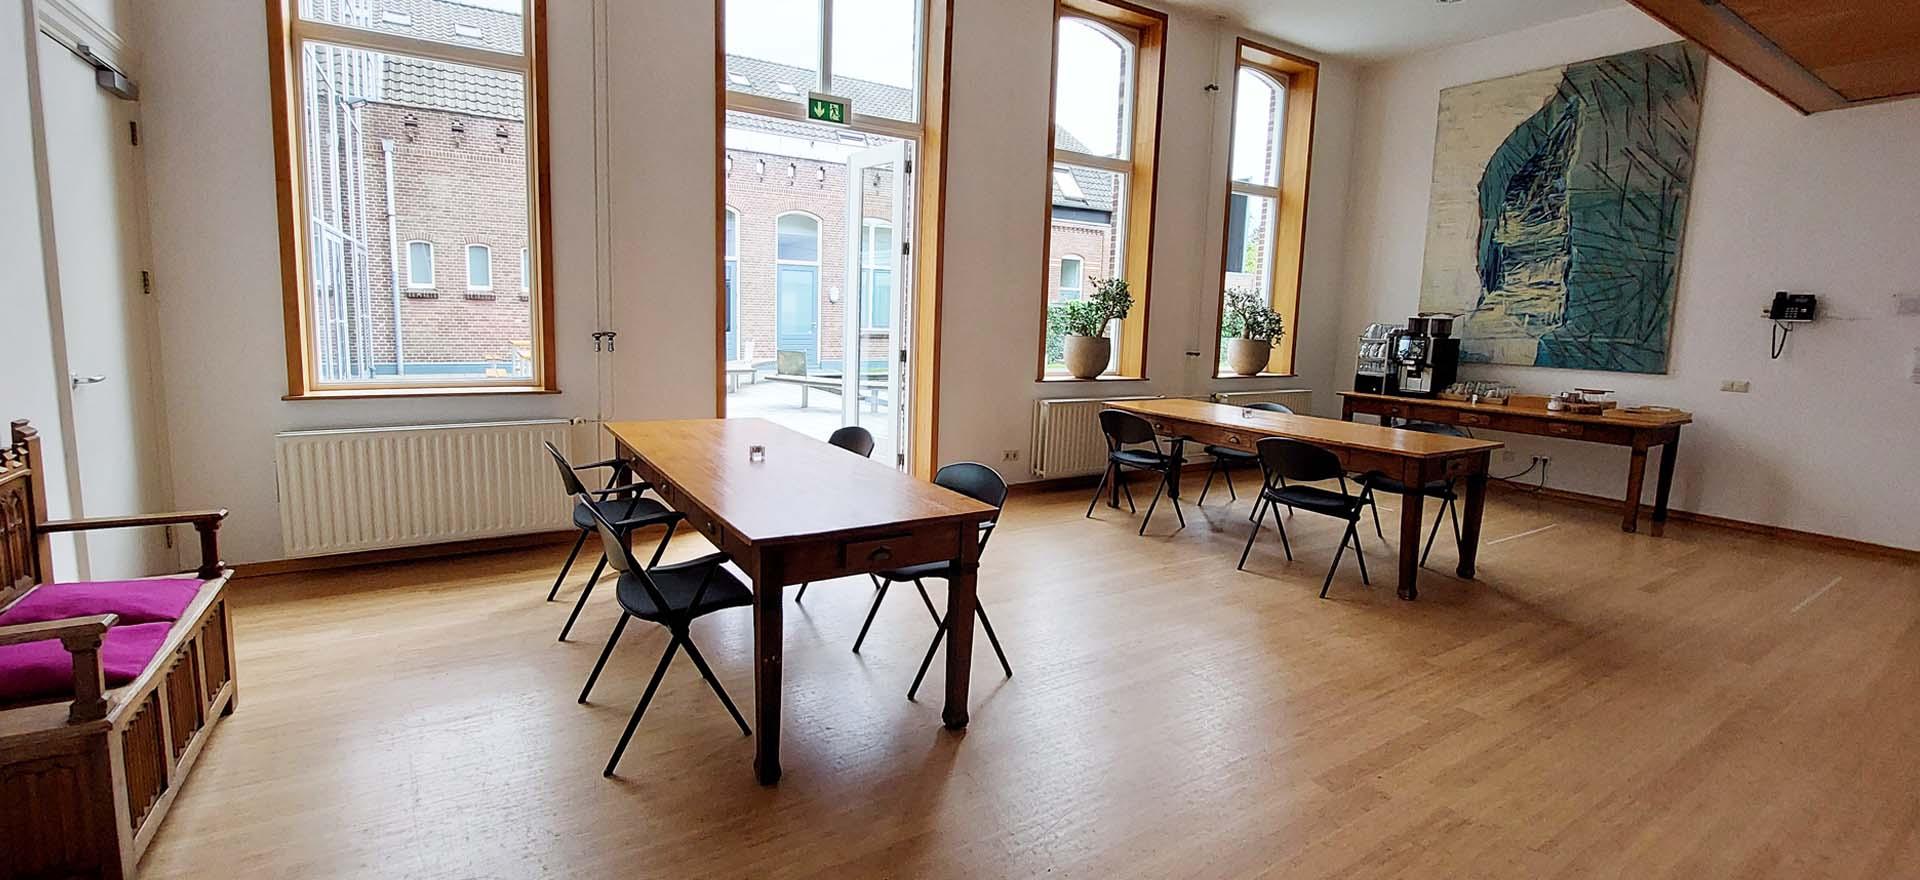 Algemene Ruimte Foyer voorkamer licht ramen openslaande deur koffie moment thee